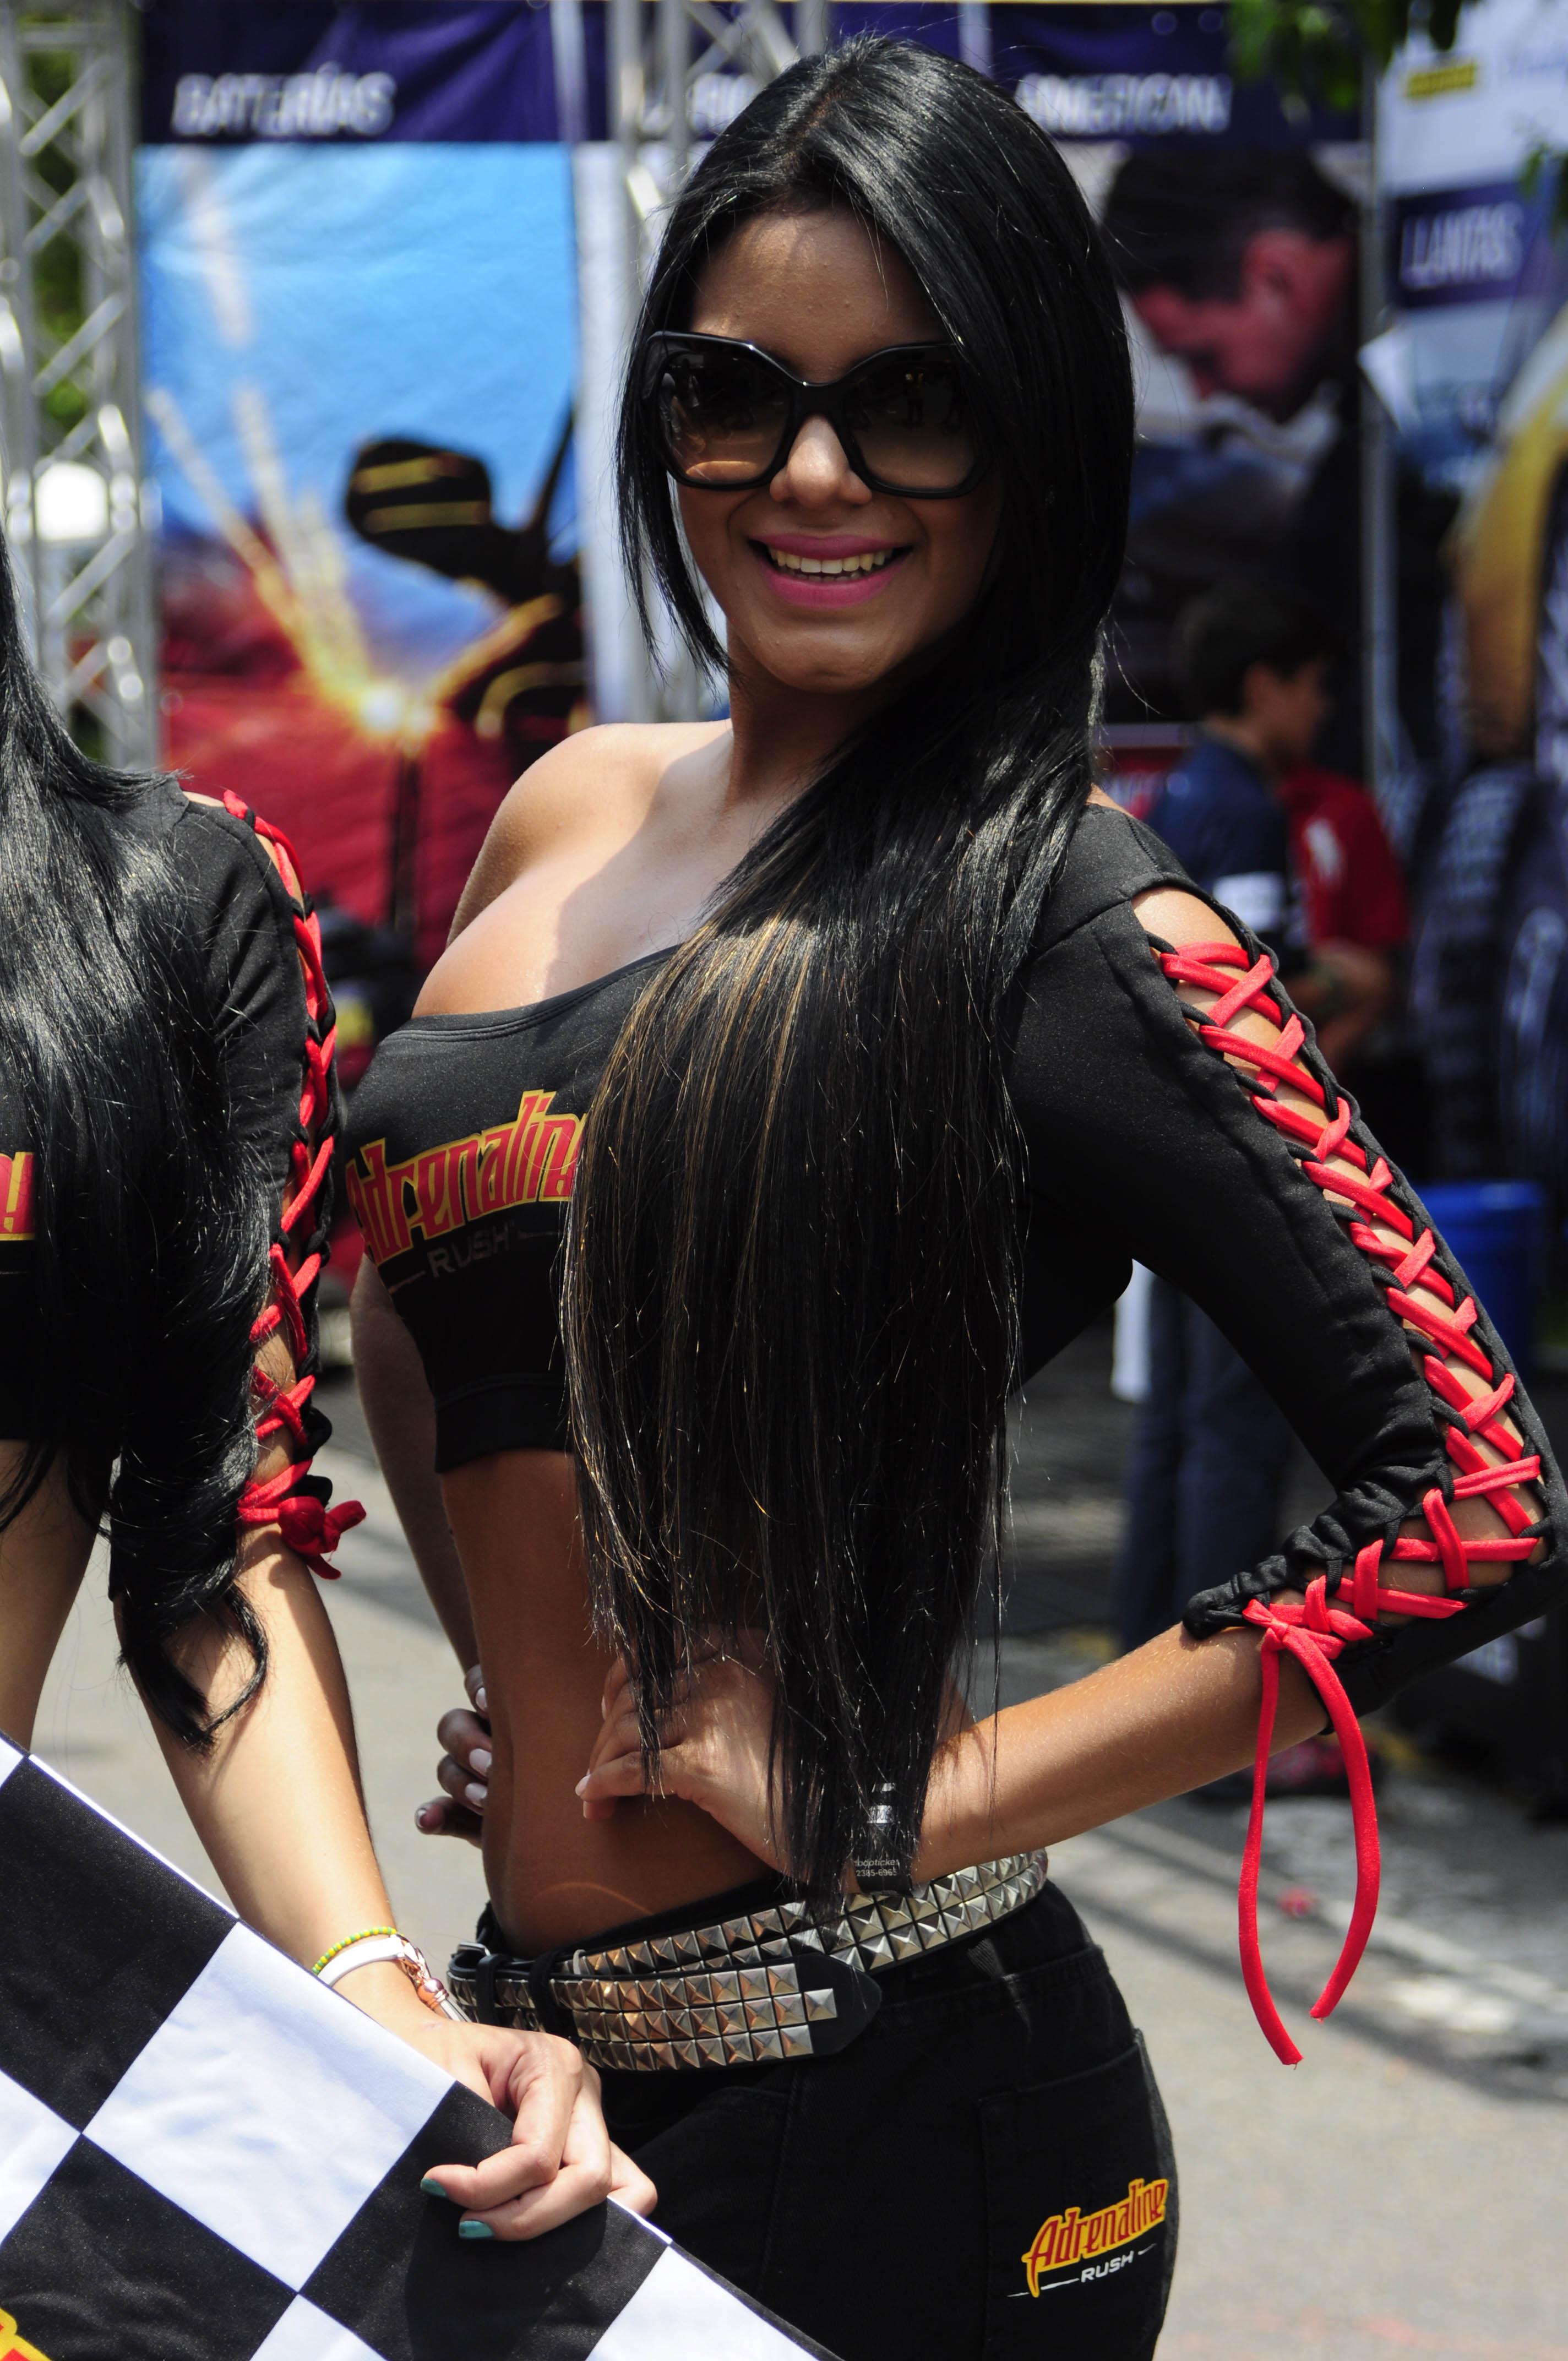 kelin Salazar - Venezuela